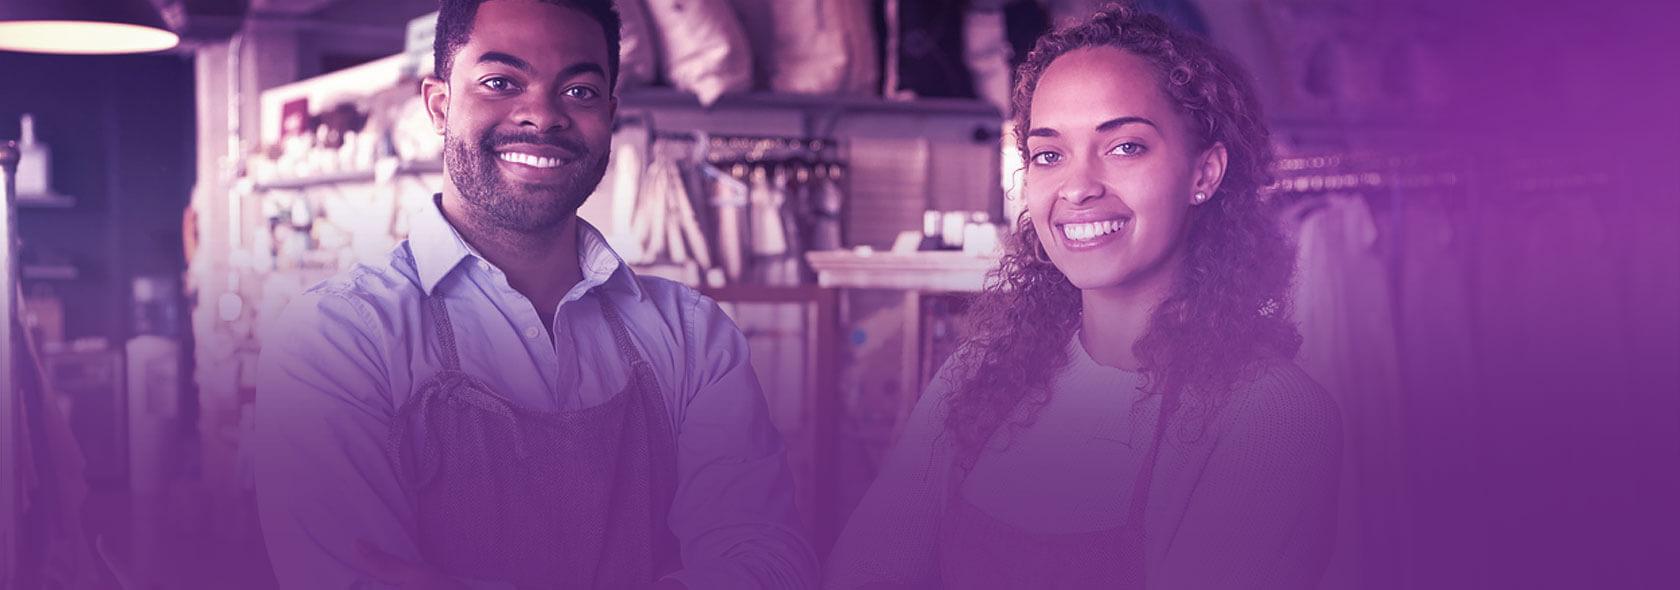 Sobre o Serasa Empreendedor :: conheça o novo portal do empreendedor